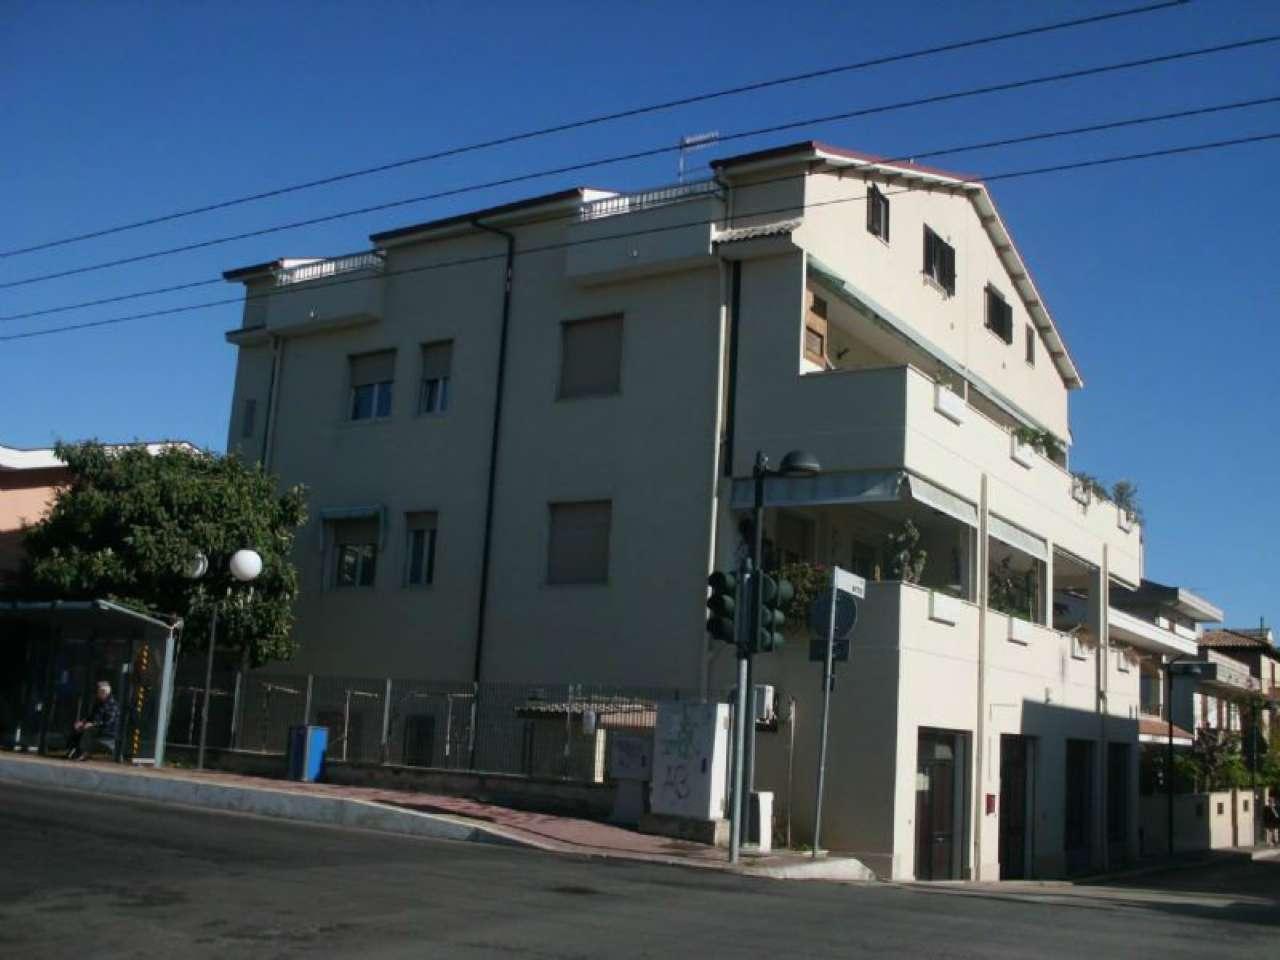 MONTESILVANO SANTA FILOMENA  LOCALE COMMERCIALE DI CIRCA 80 MQ